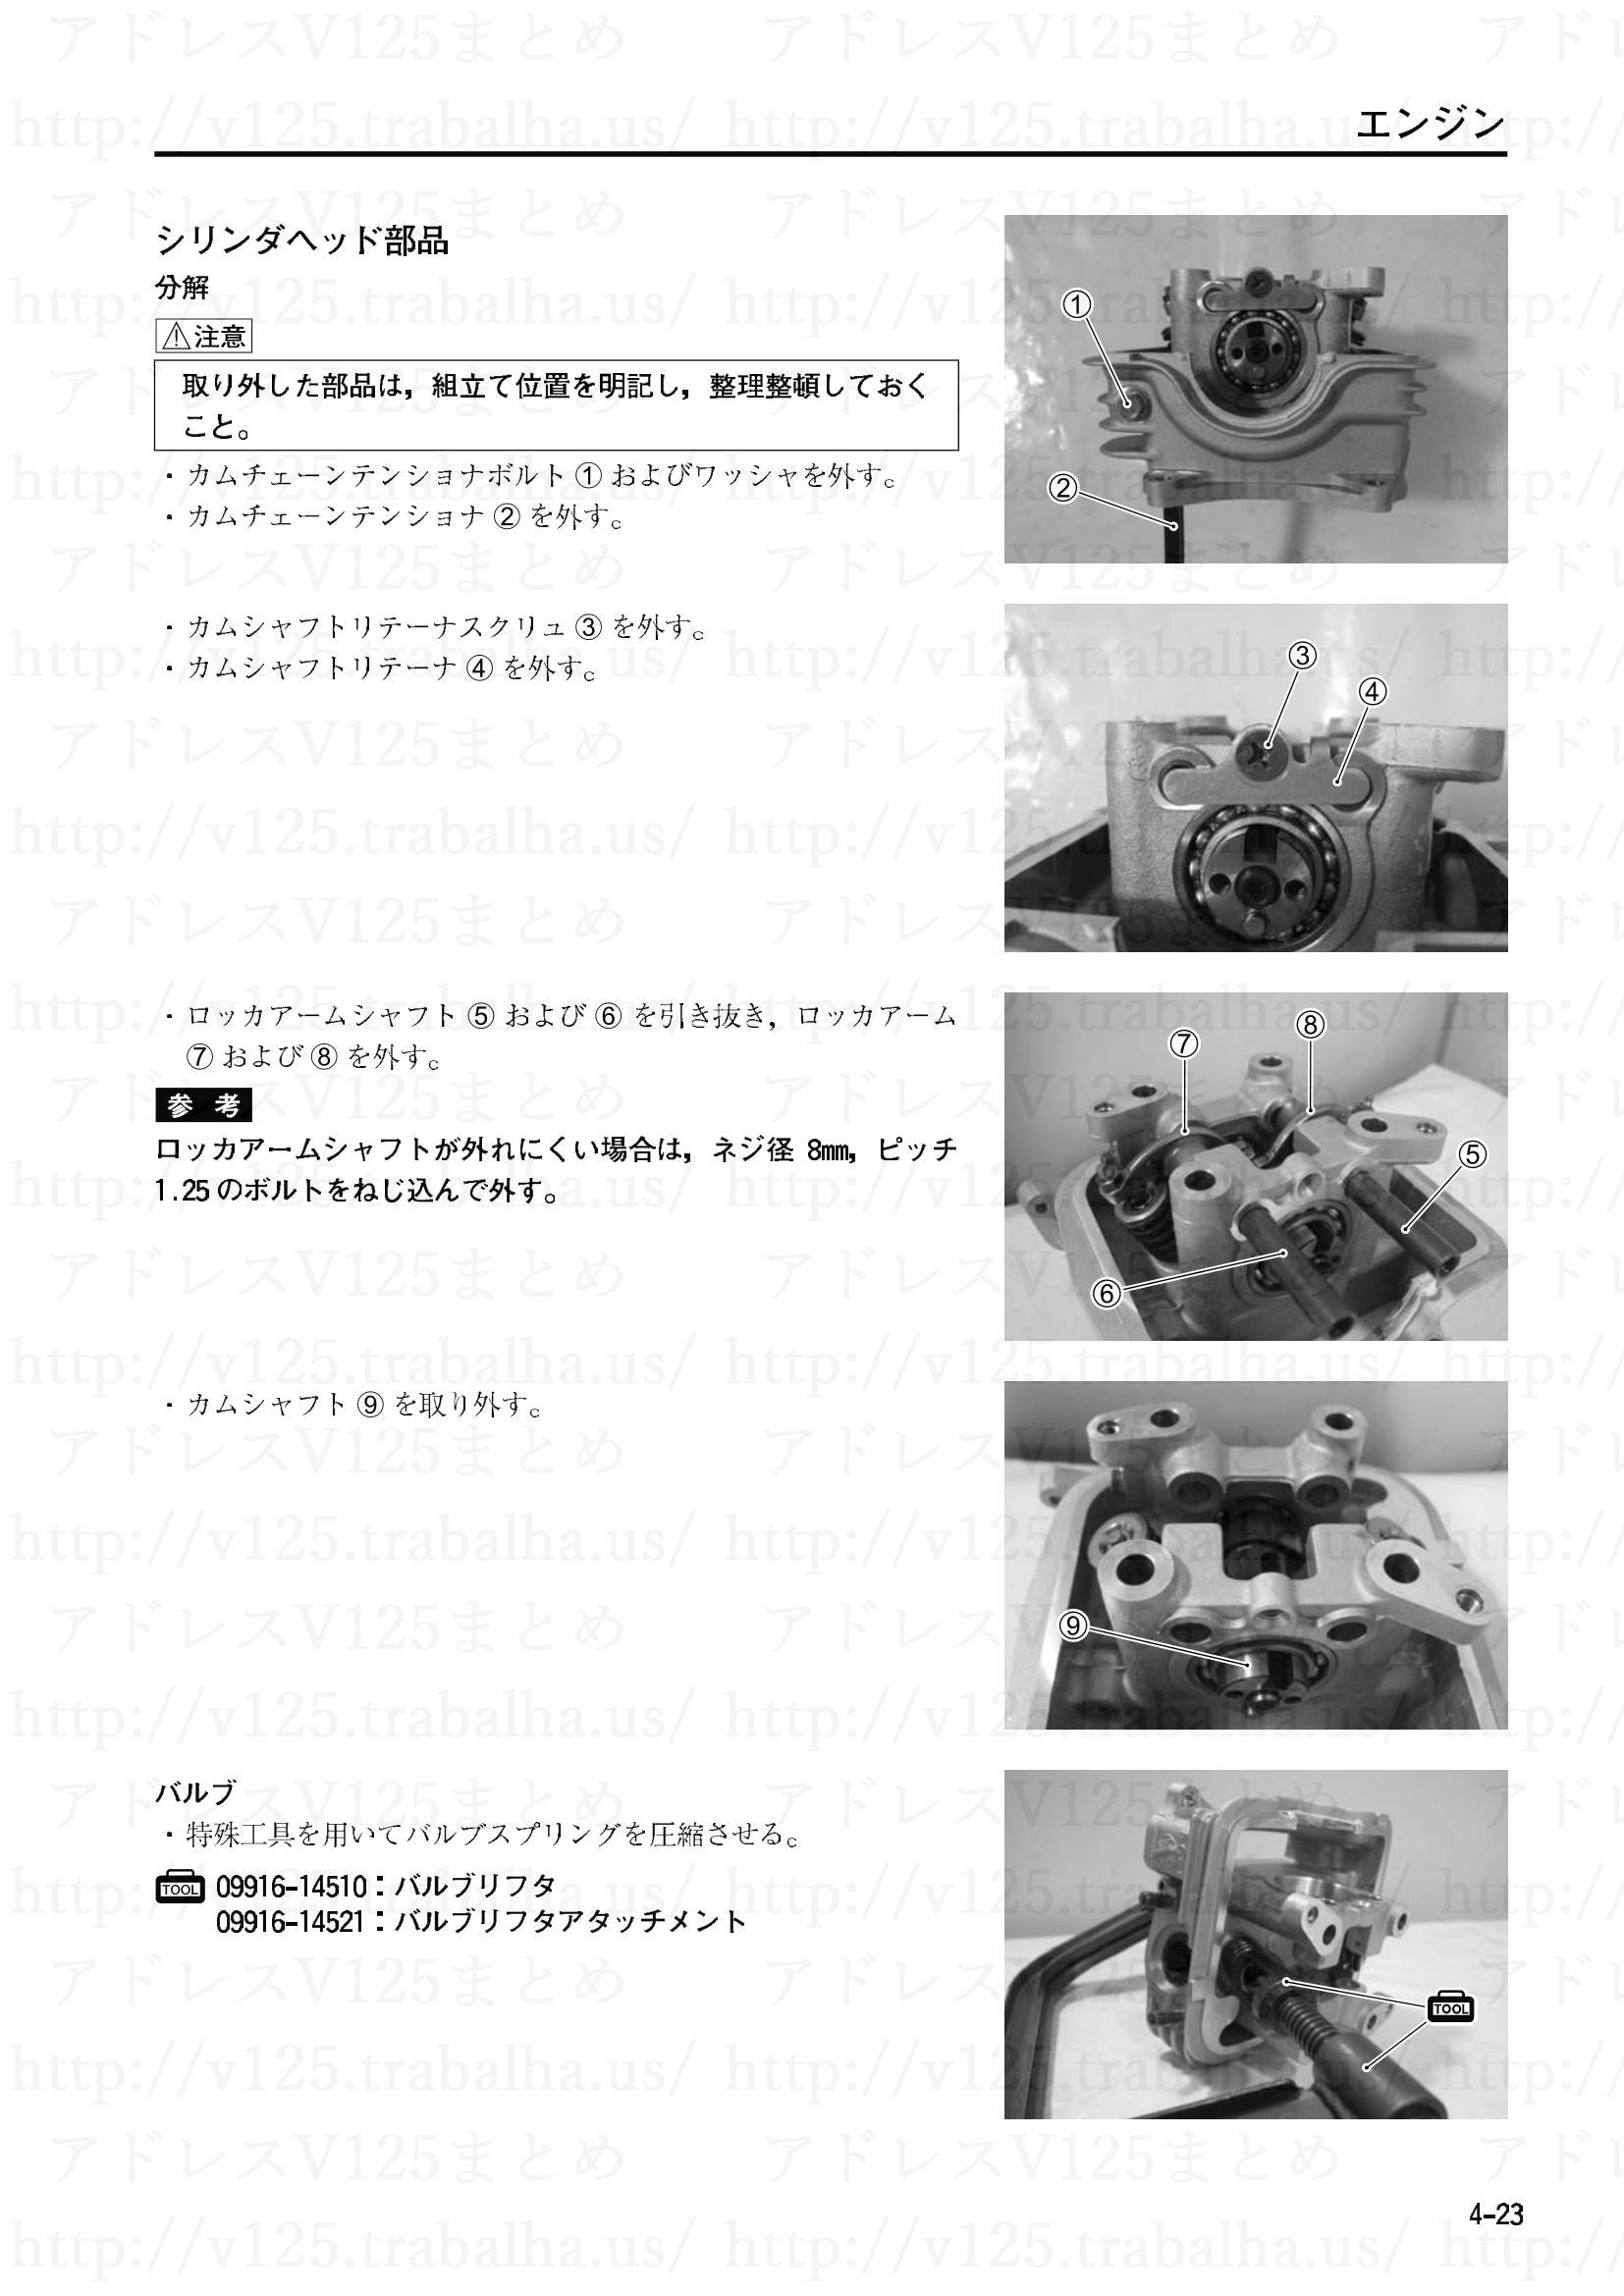 4-23【エンジン】エンジン部組部品の点検1